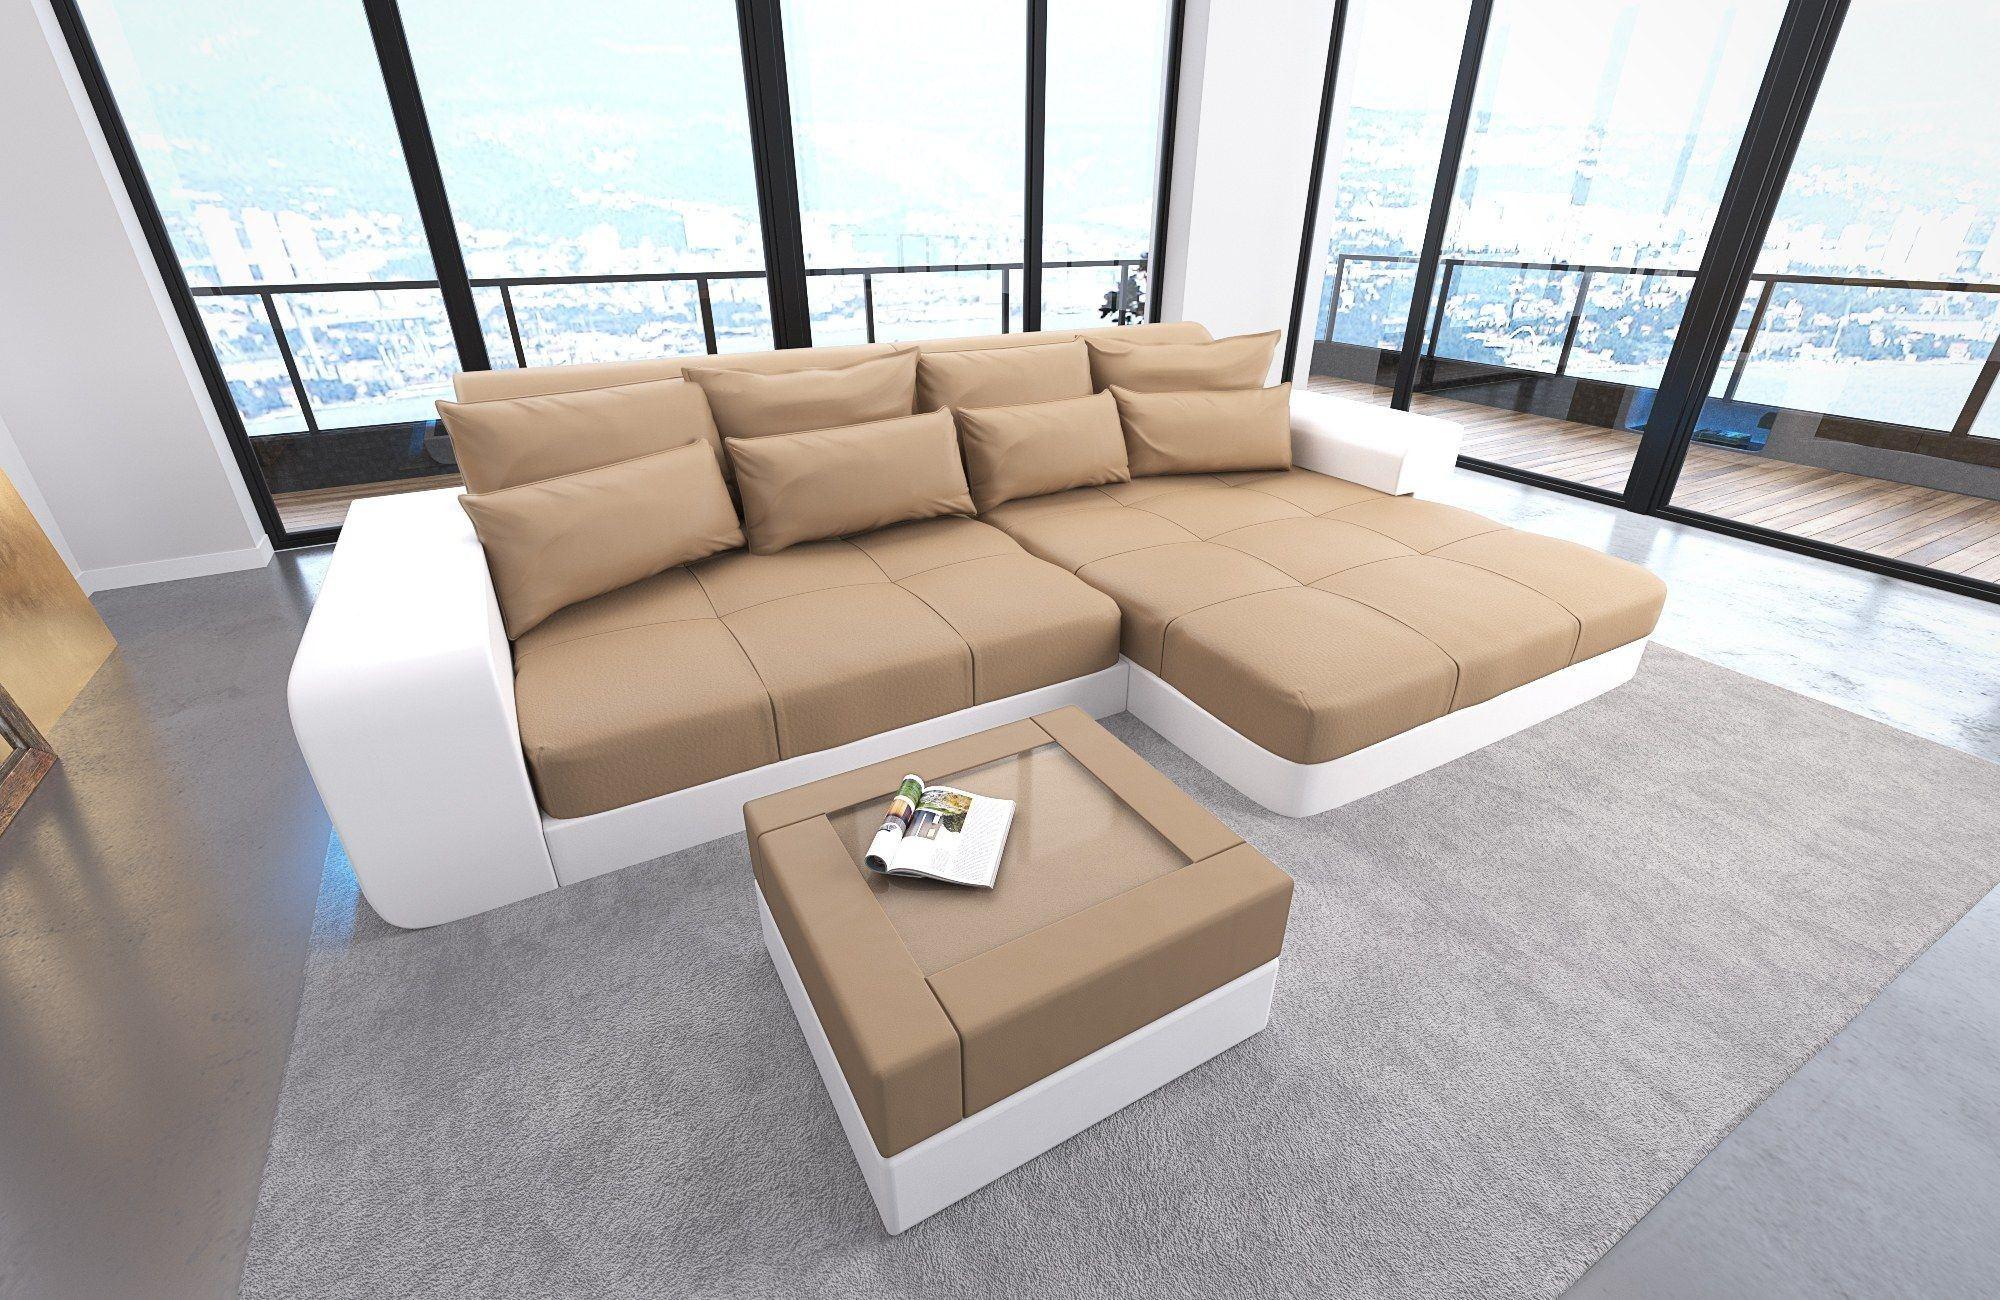 Full Size of Big Sofa Milano Als Ledersofa Zum Relaxen Lounge Mit Licht Xora L Form Ewald Schillig 2 5 Sitzer Riess Ambiente Esszimmer Rattan Garten Rundes U Tom Tailor Sofa Luxus Sofa